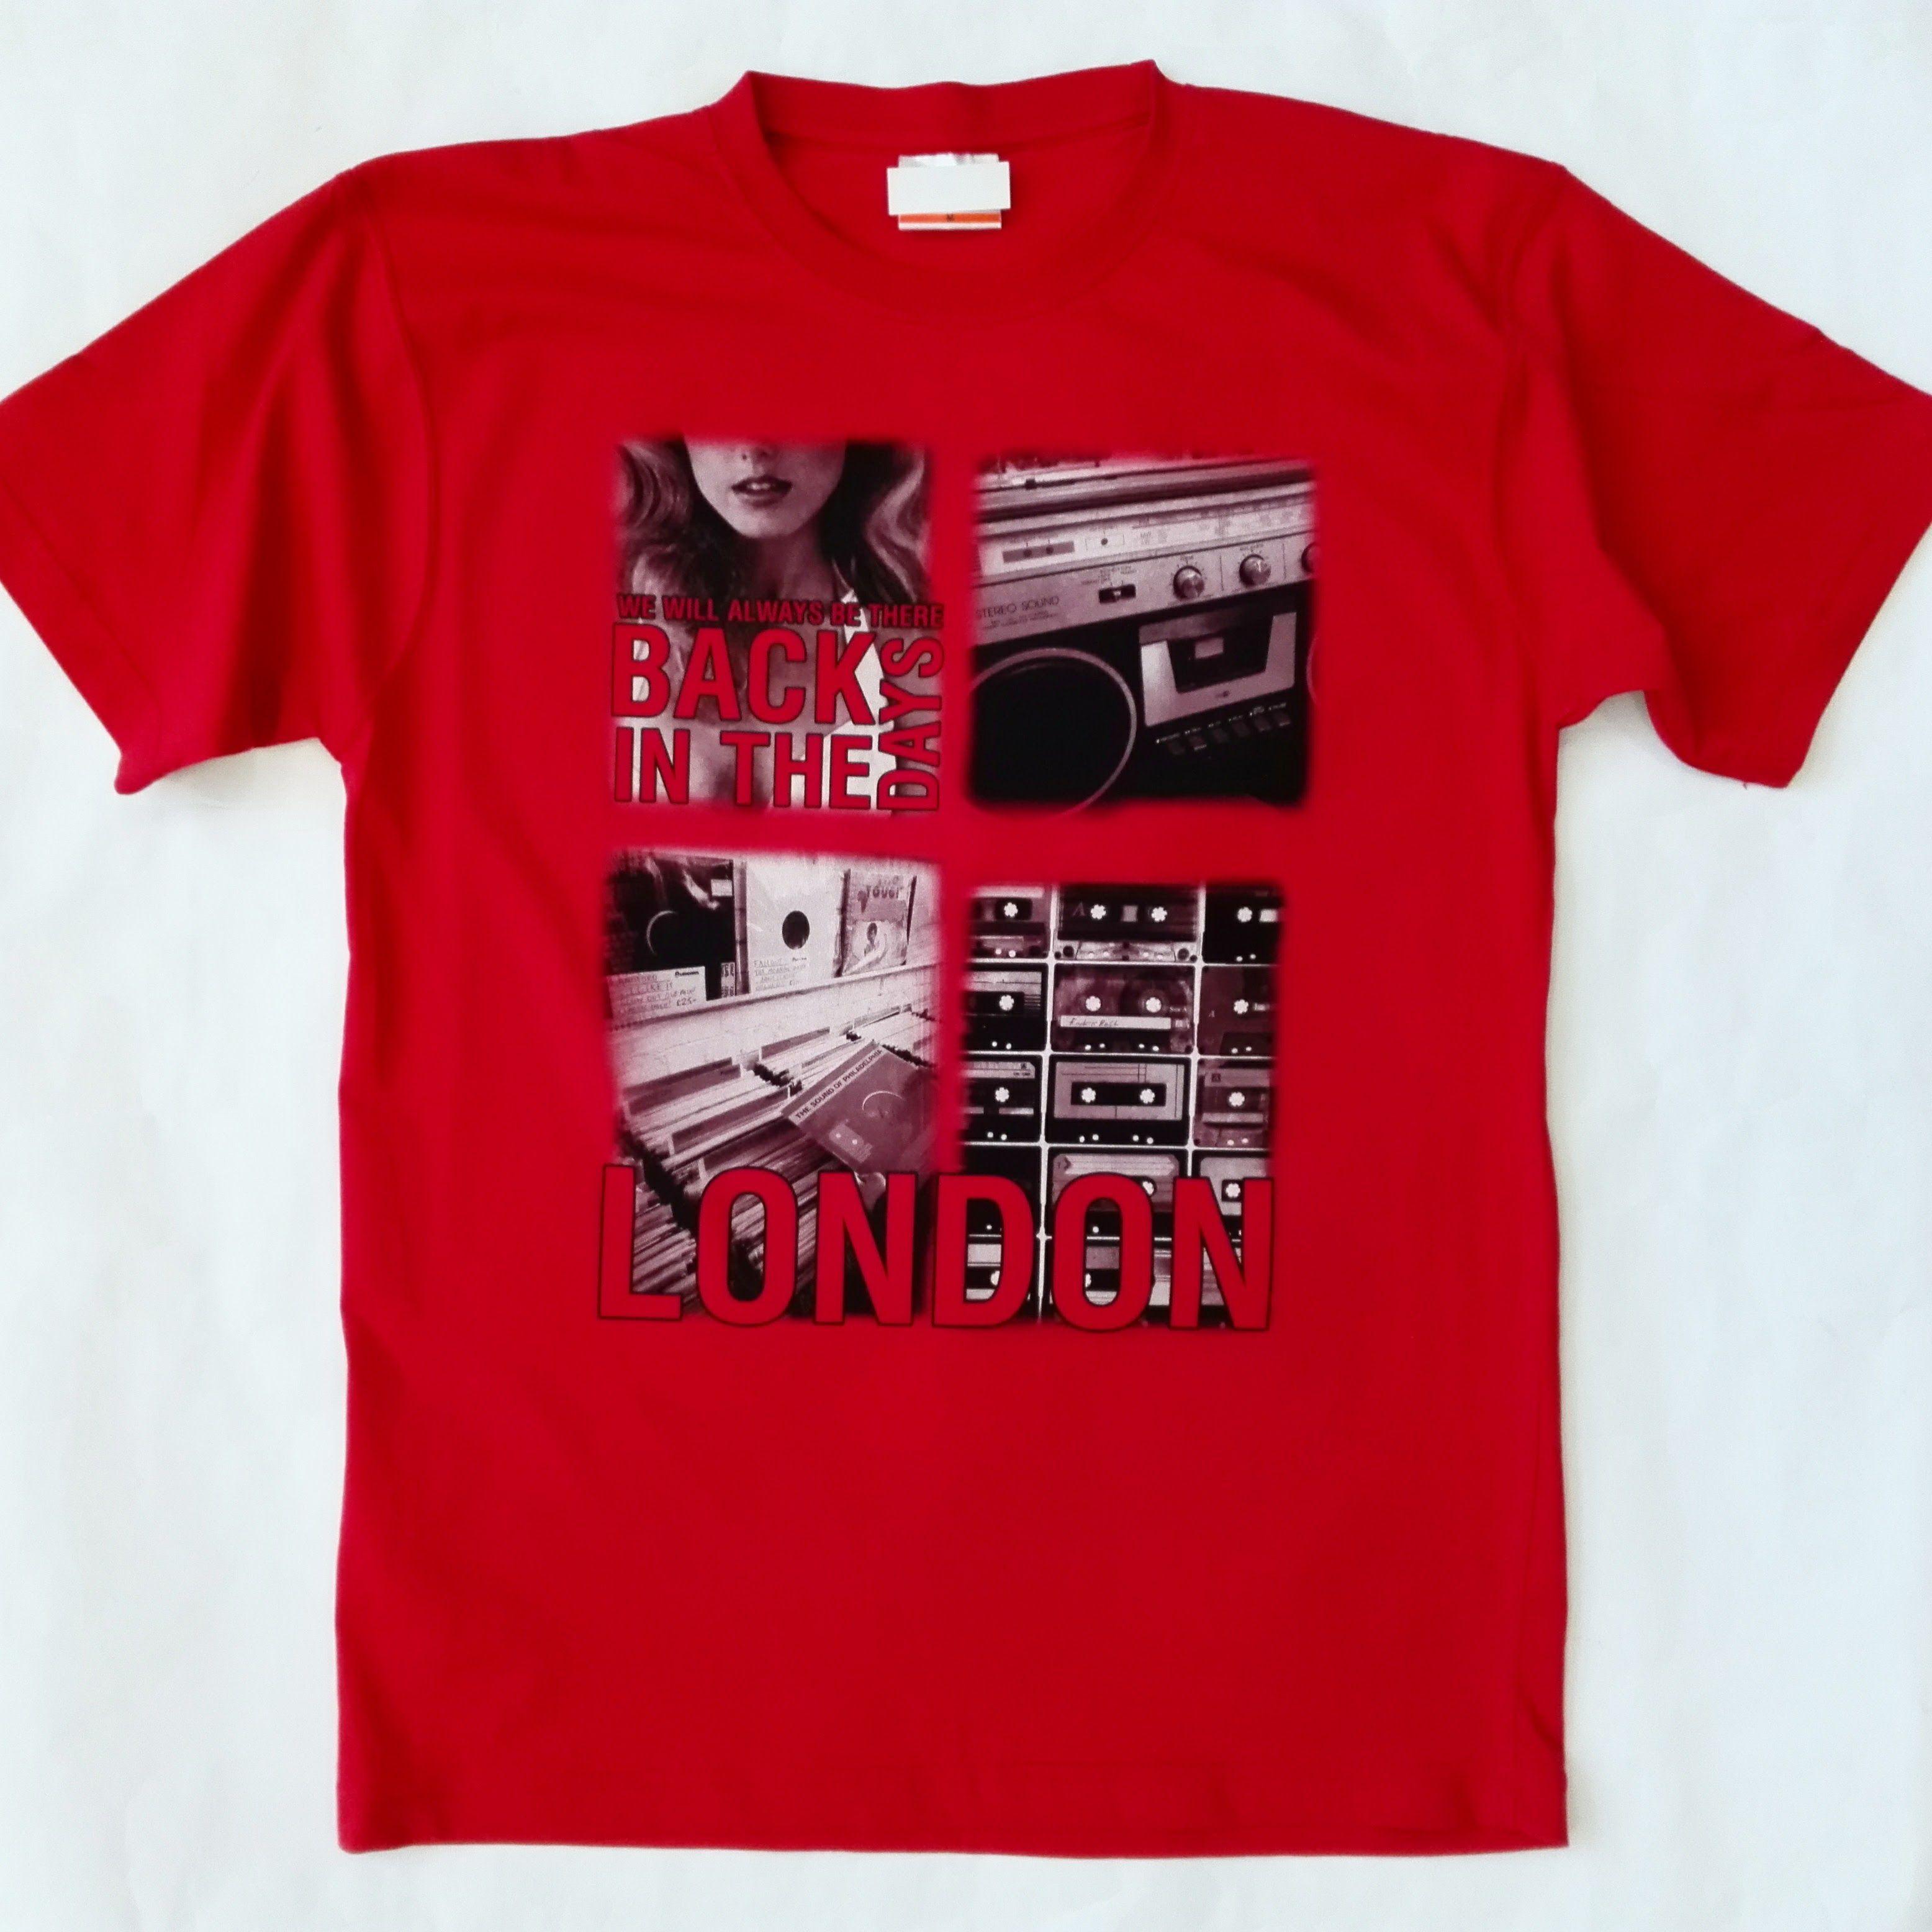 ЭкстреннаЯ печать футболок